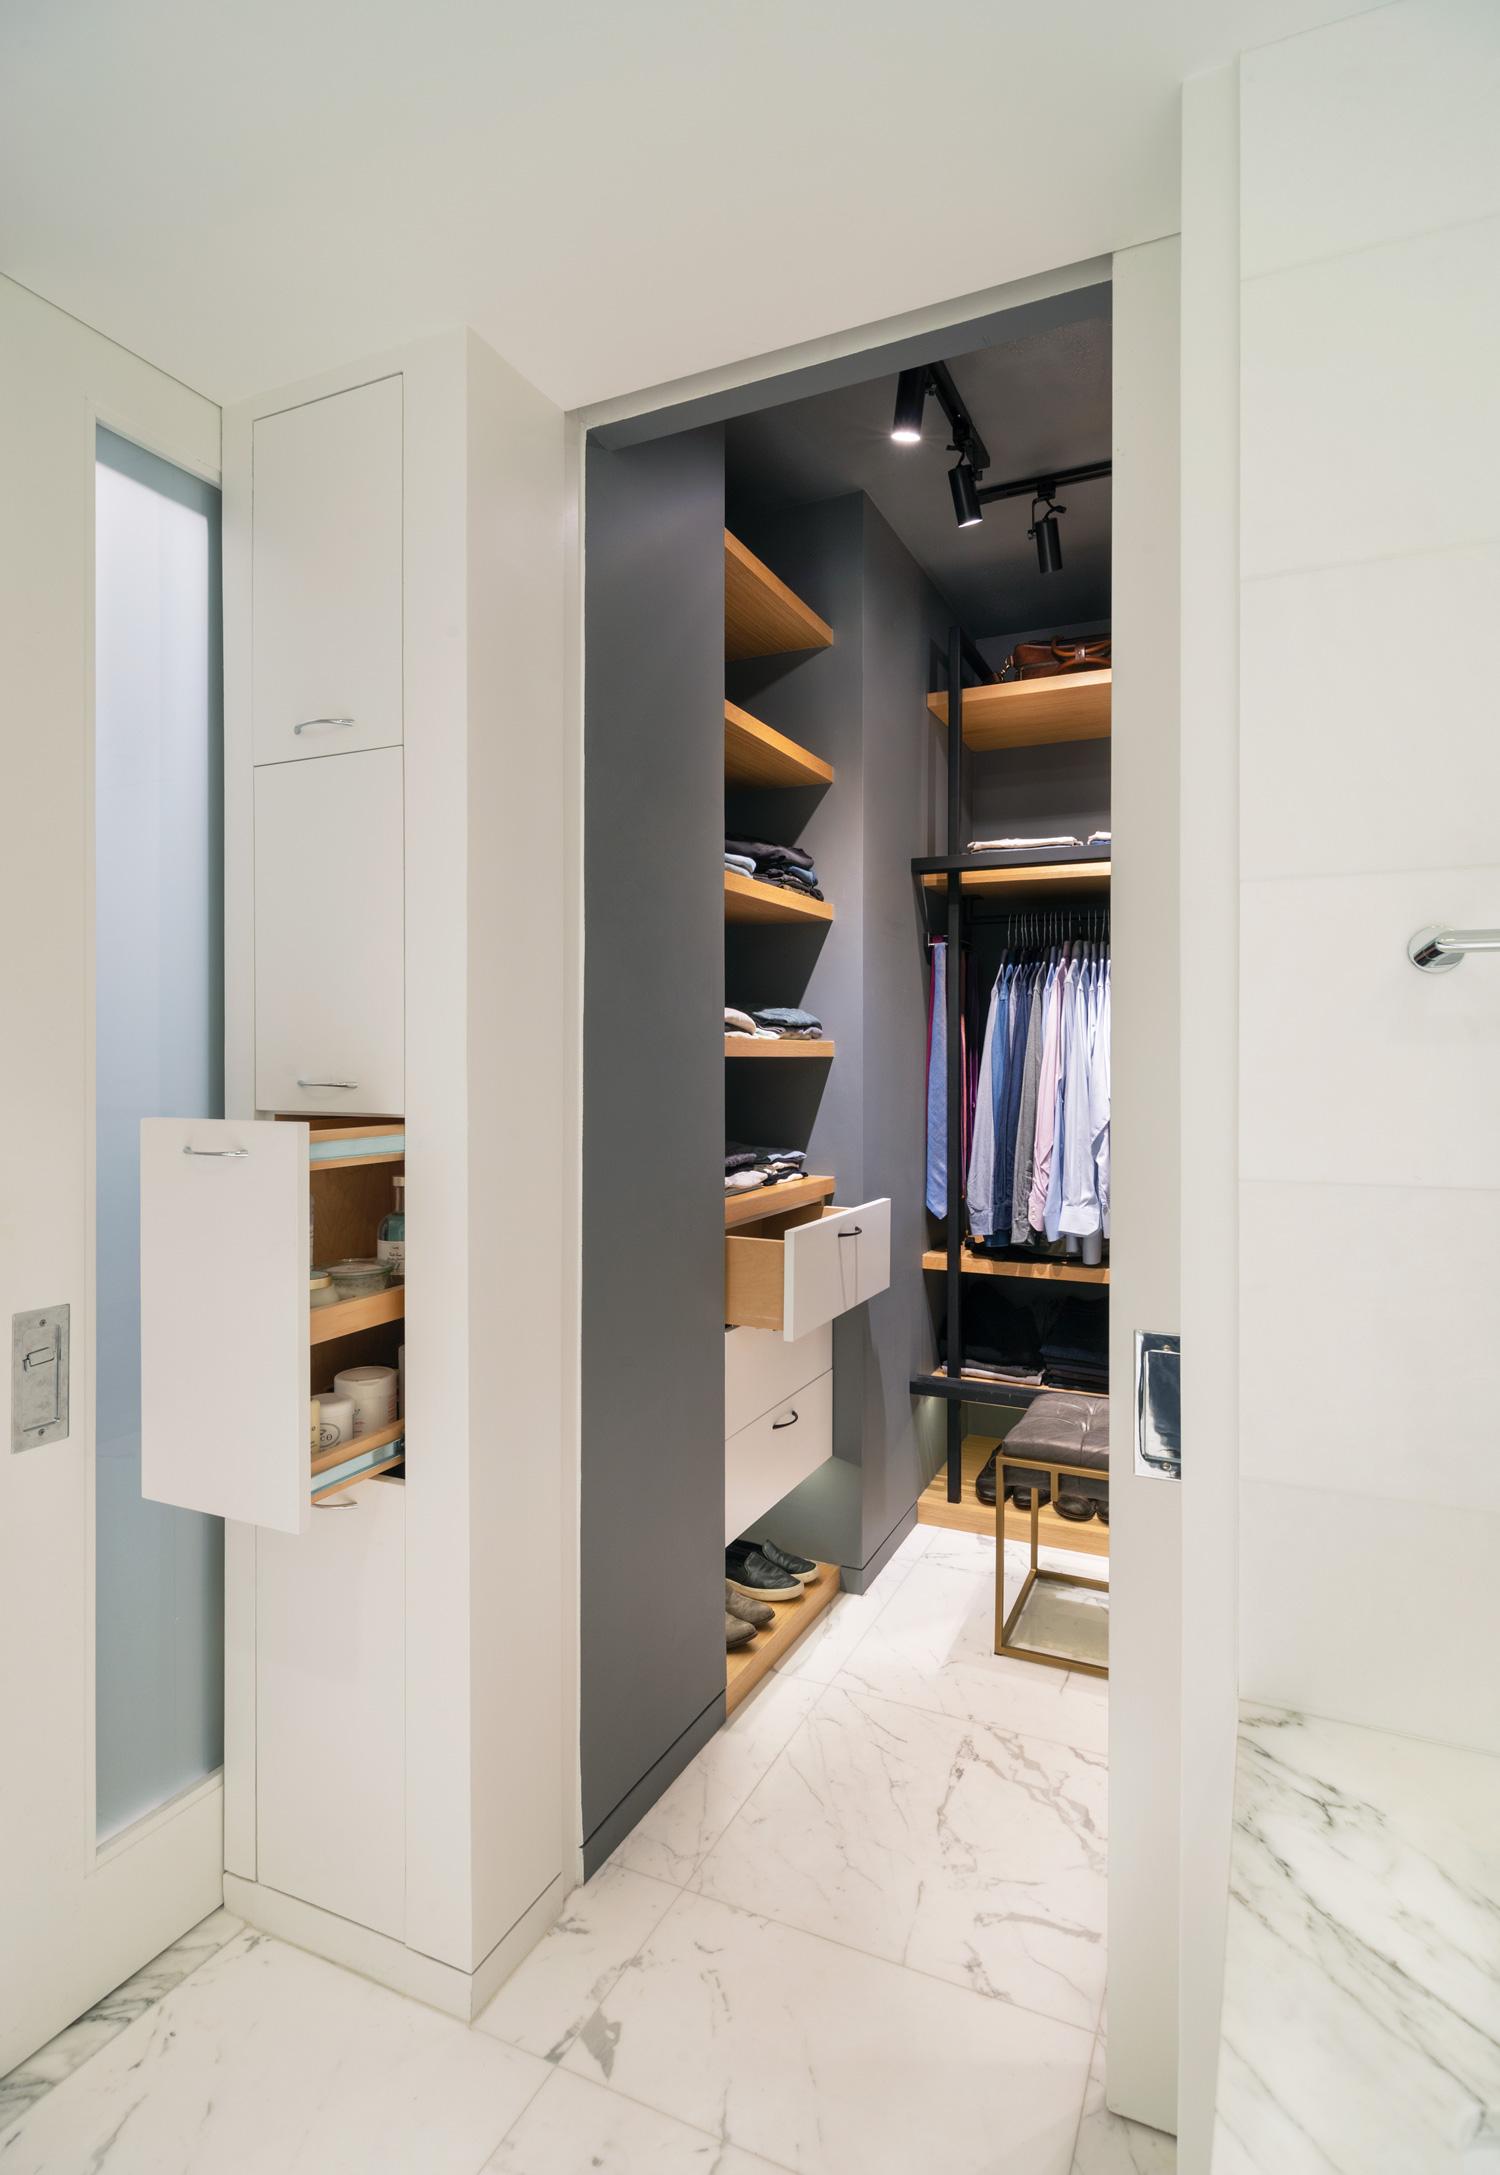 new-york-architect-adi-gershoni-master-bathroom-8.jpg